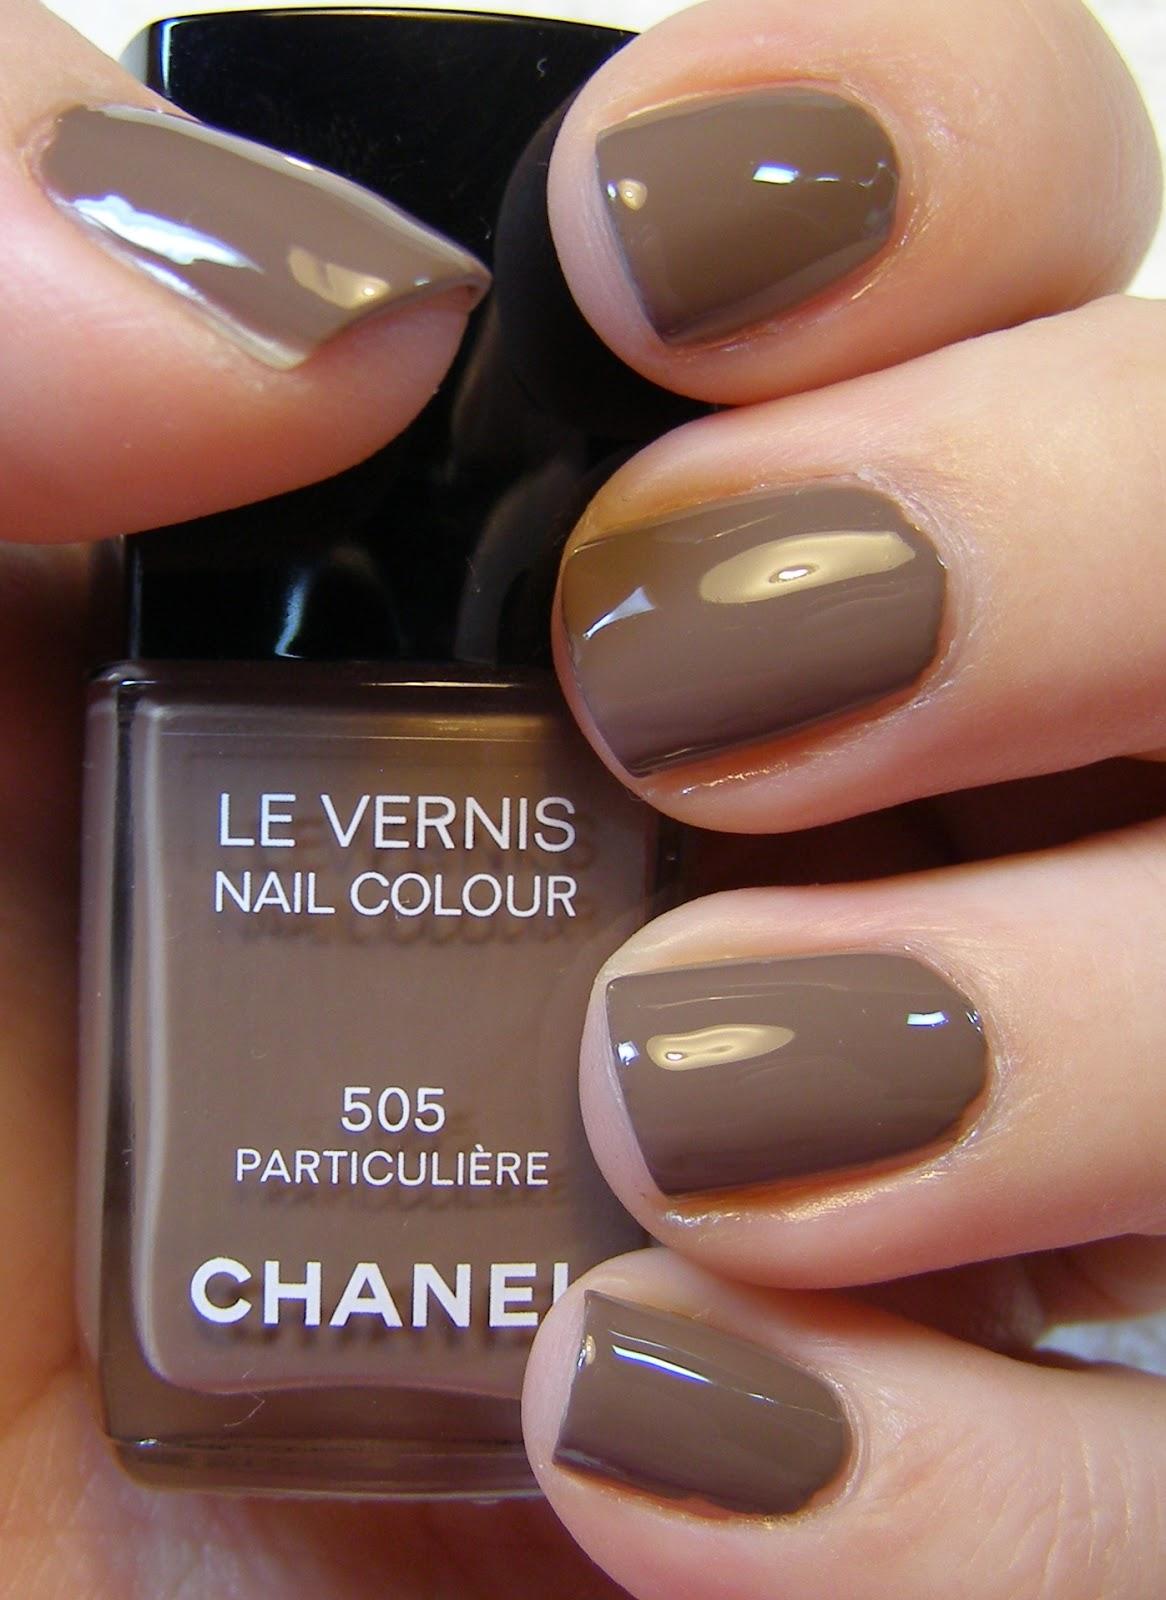 Particuliére Chanel